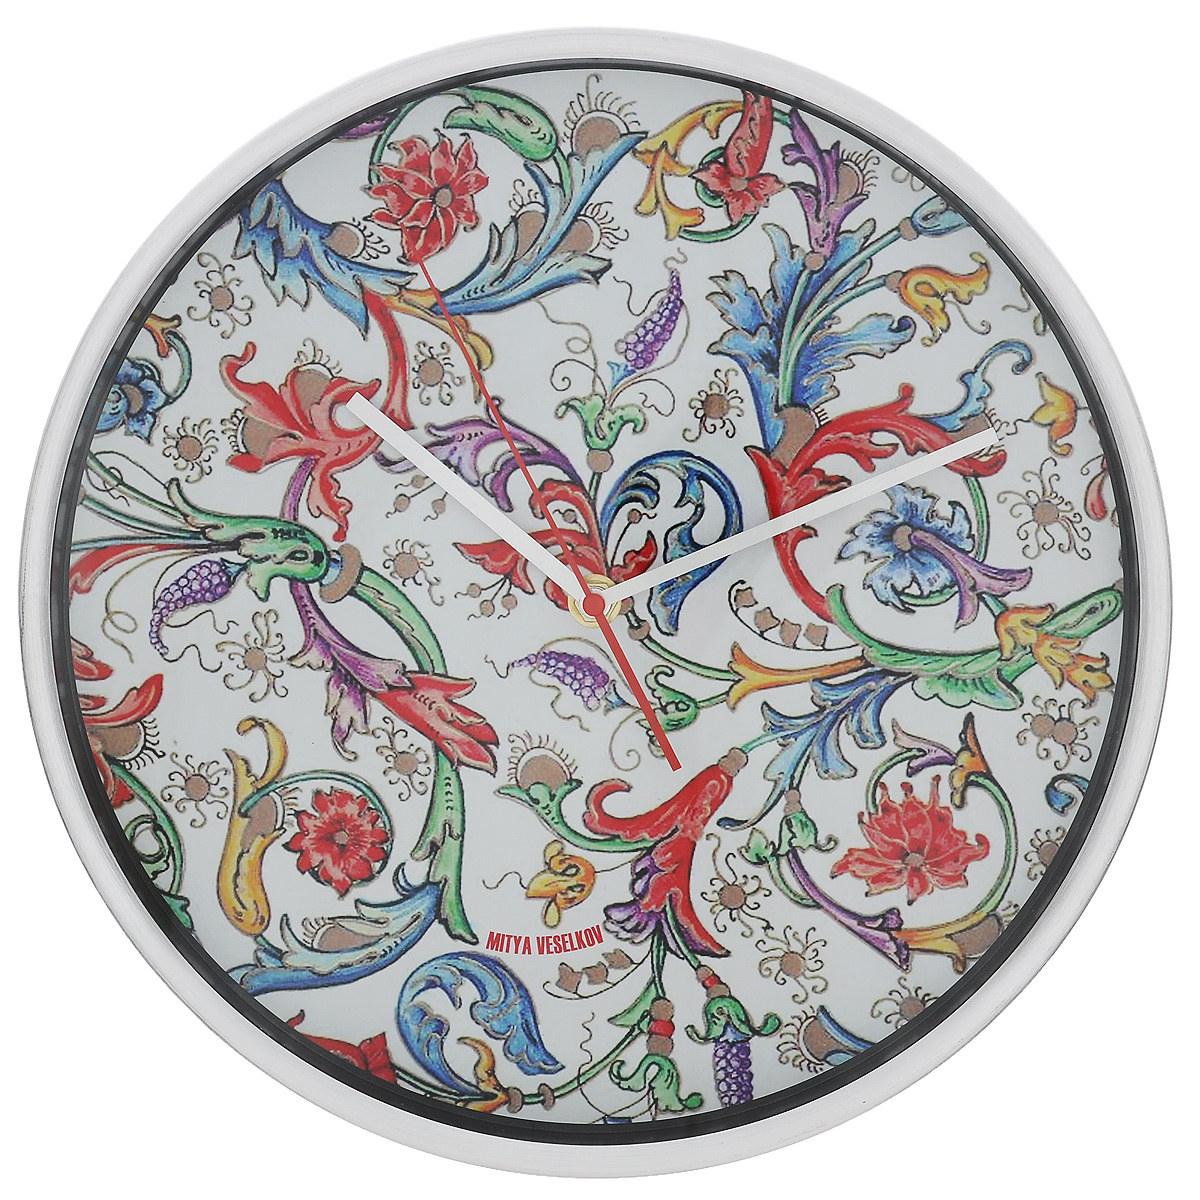 Часы настенные Райский сад (30см). MV-NAST082SC - ACD03MОригинальные настенные часы Mitya Veselkov Райский сад прекрасно дополнят интерьер комнаты. Круглый корпус часов выполнен из металла серебристого цвета с матовой полировкой. Циферблат оформлен красивыми узорами и защищен стеклом. Часы имеют три стрелки - часовую, минутную и секундную.Оформите свой дом таким интерьерным аксессуаром или преподнесите его в качестве презента друзьям, и они оценят ваш оригинальный вкус и неординарность подарка. Диаметр часов: 30 см. Толщина корпуса: 4 см. Часы работают от 1 батарейки типа АА (в комплект не входит).